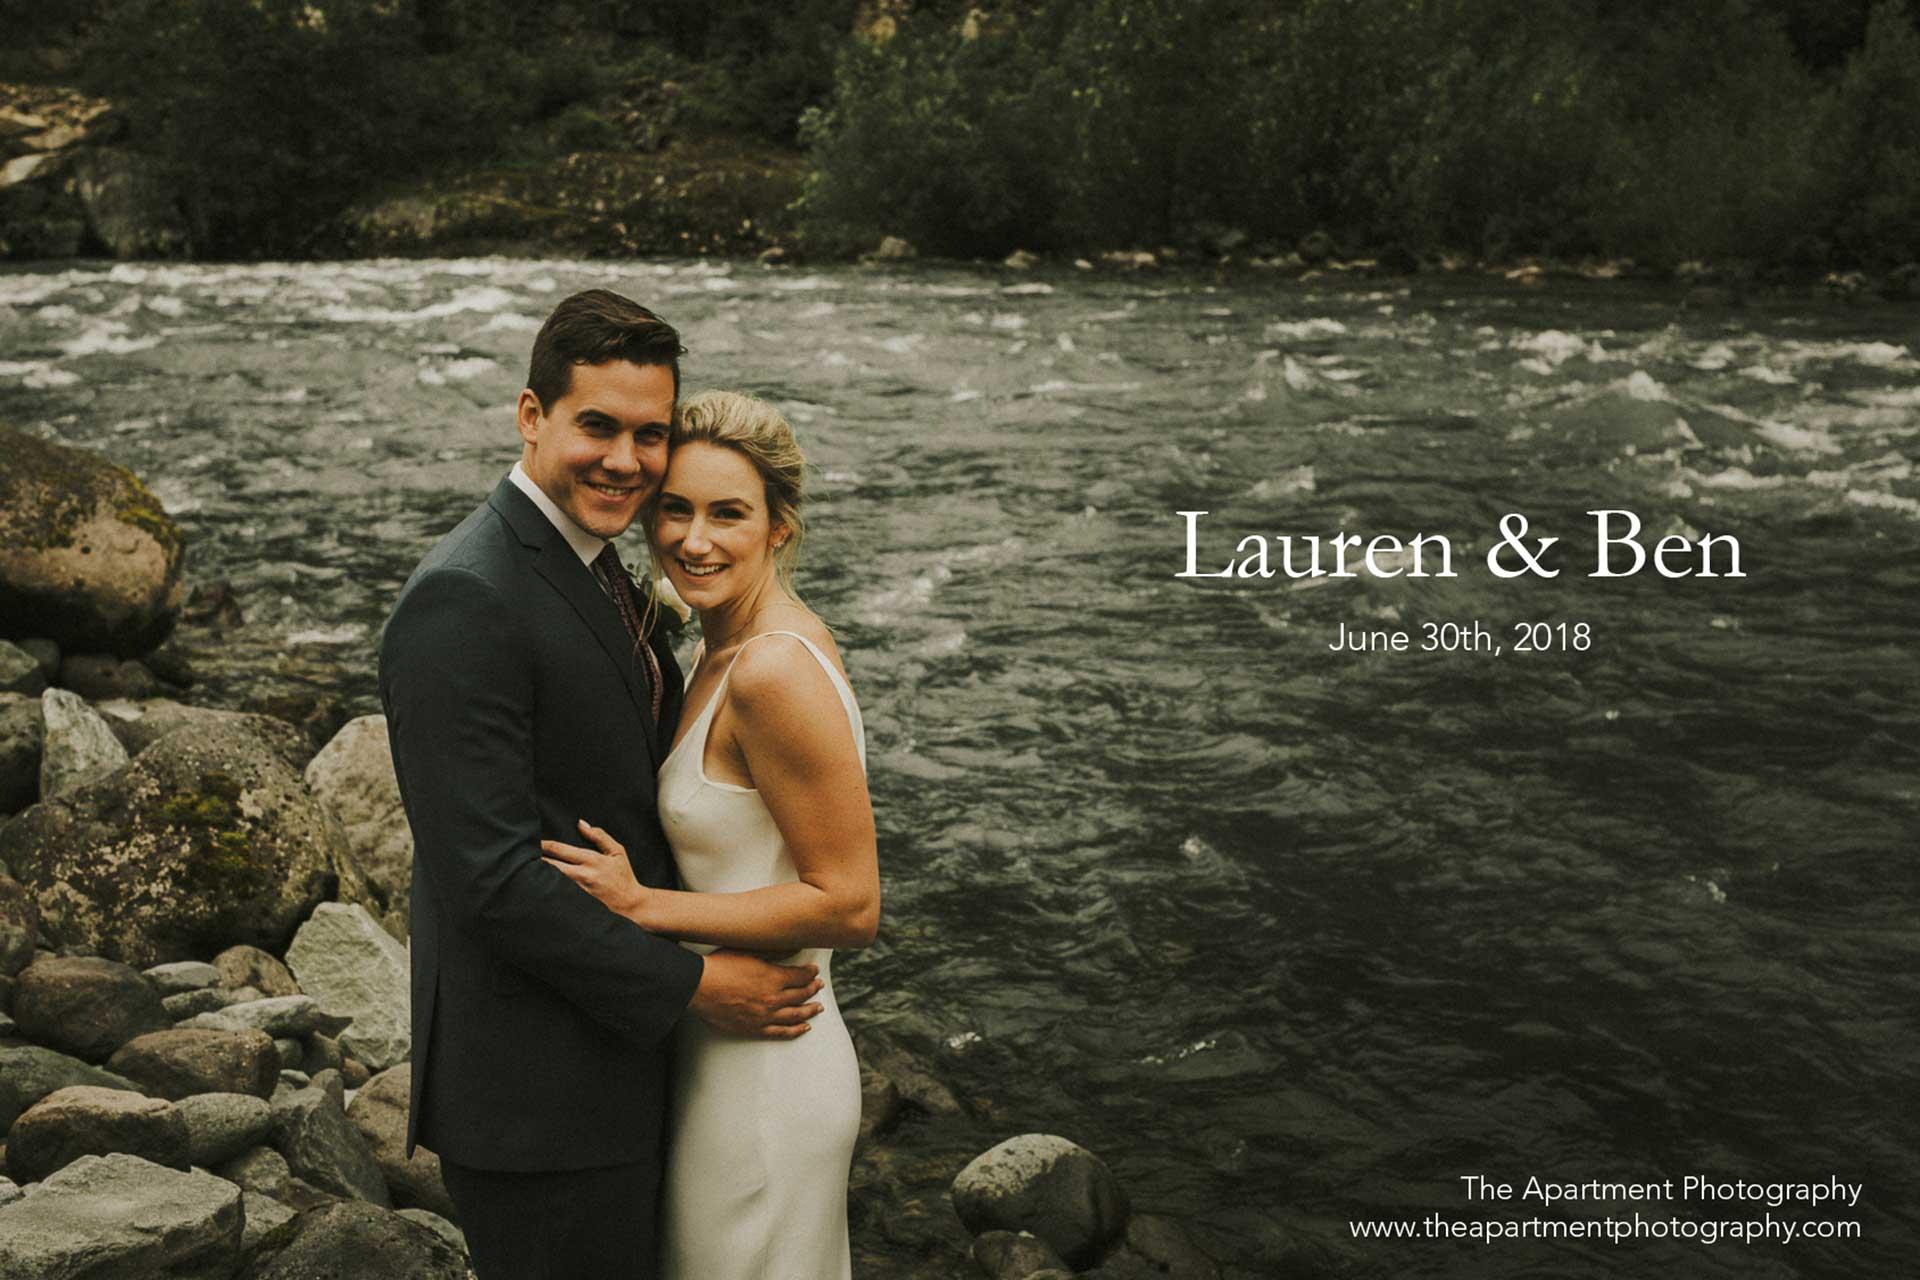 Lauren and Ben's Wedding